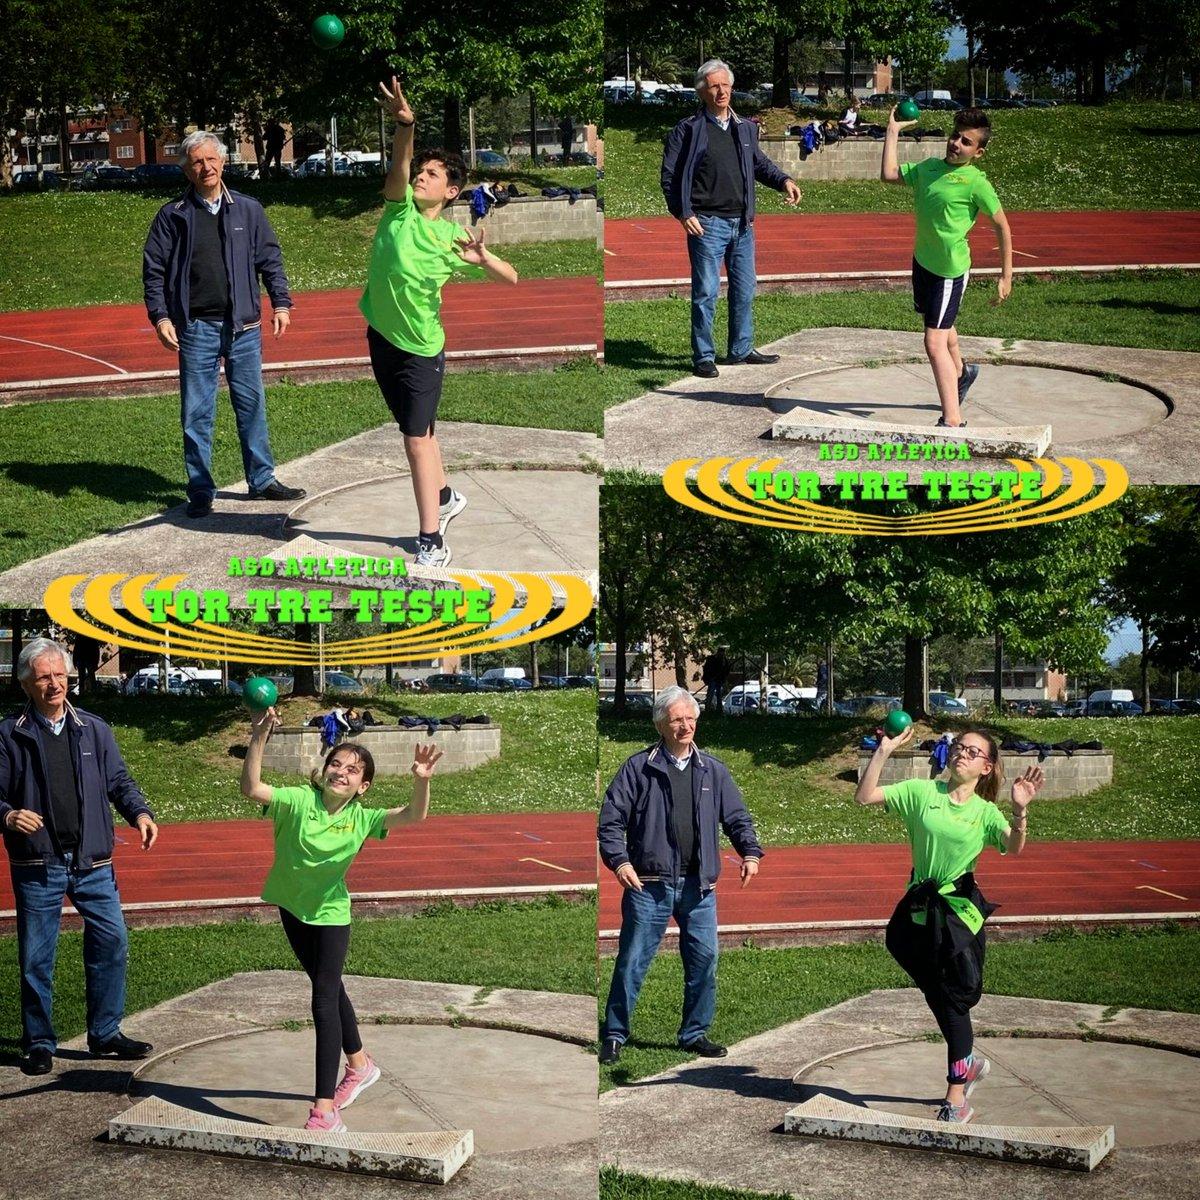 I nostri #atleti si preparano per i prossimi eventi anche nel #gettodelpeso seguiti dall'occhio sempre #attento di Elio Olevano. La #preparazione è importante per farsi trovare #pronti.  #lazio #roma #fidalroma #fidallazio #peso #throw #forza #slancio #coordinazione #atletica https://t.co/a1bfRGUyND